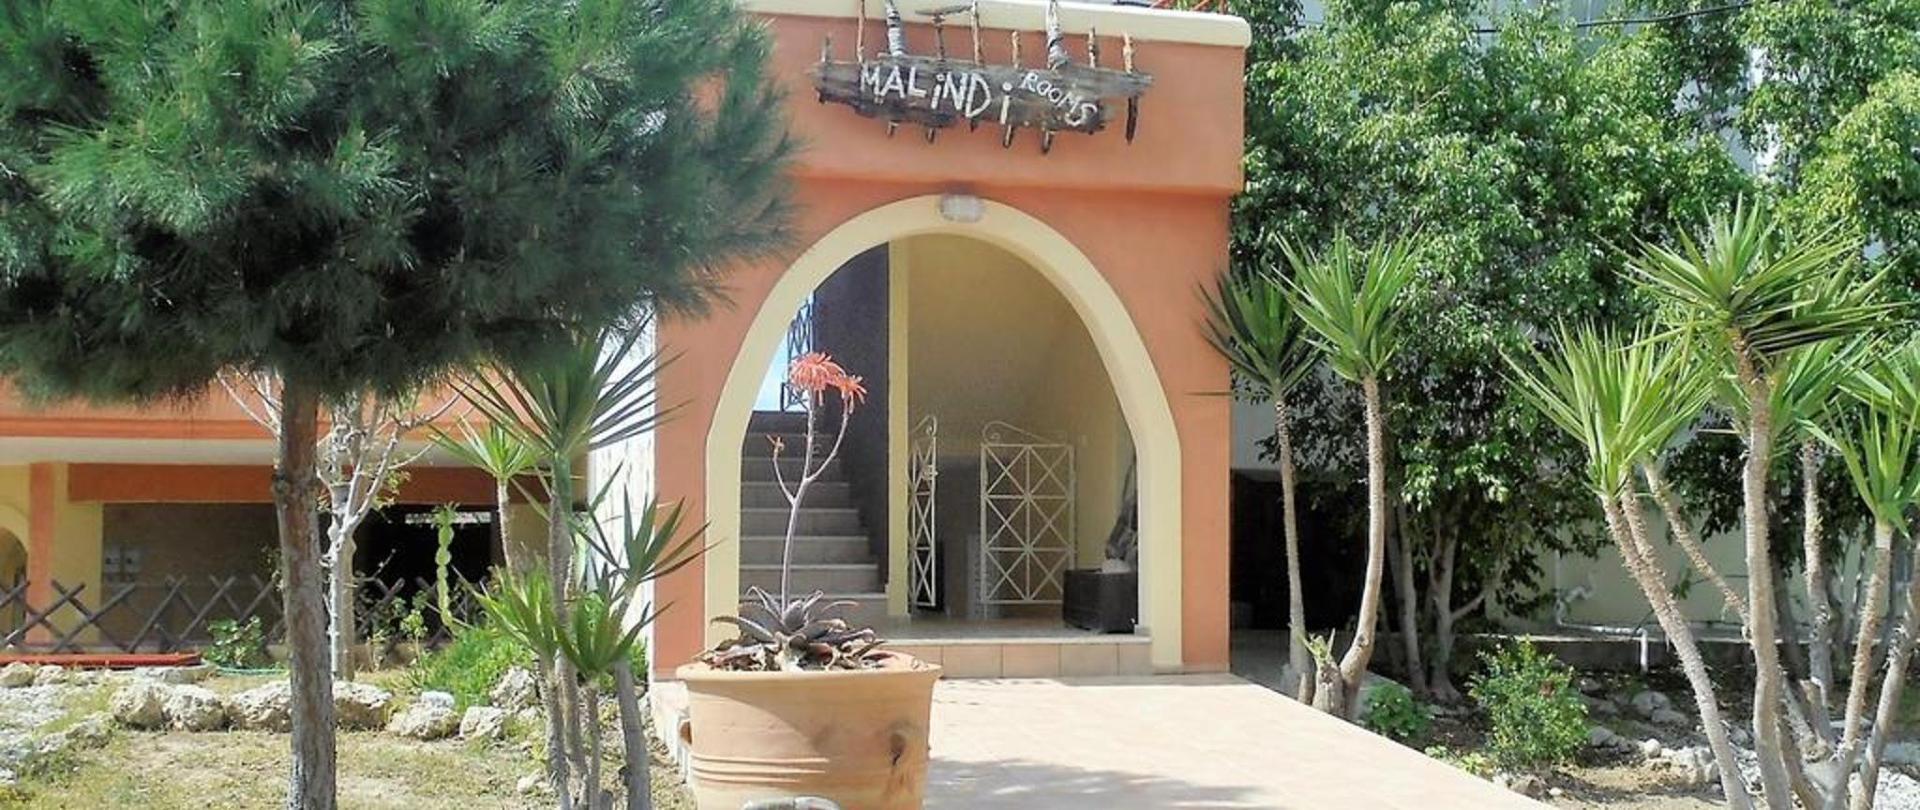 Malindi Rooms entrance